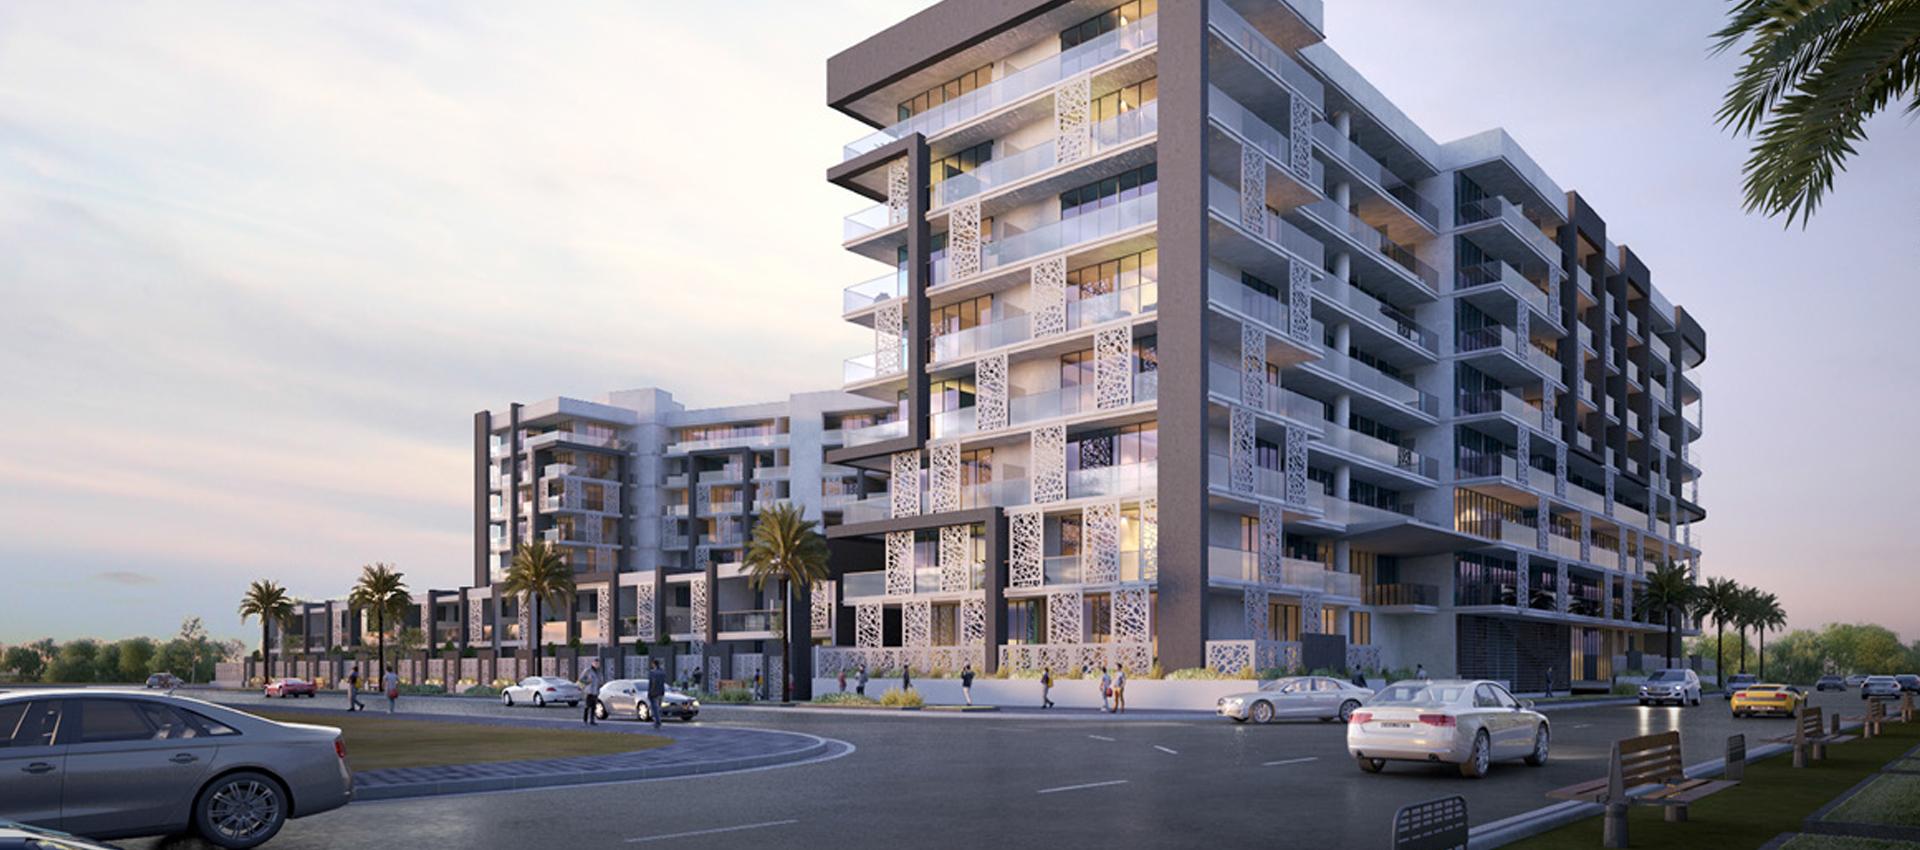 Luxury Studios, 1, 2, 3 & 4 Bedroom Apartments